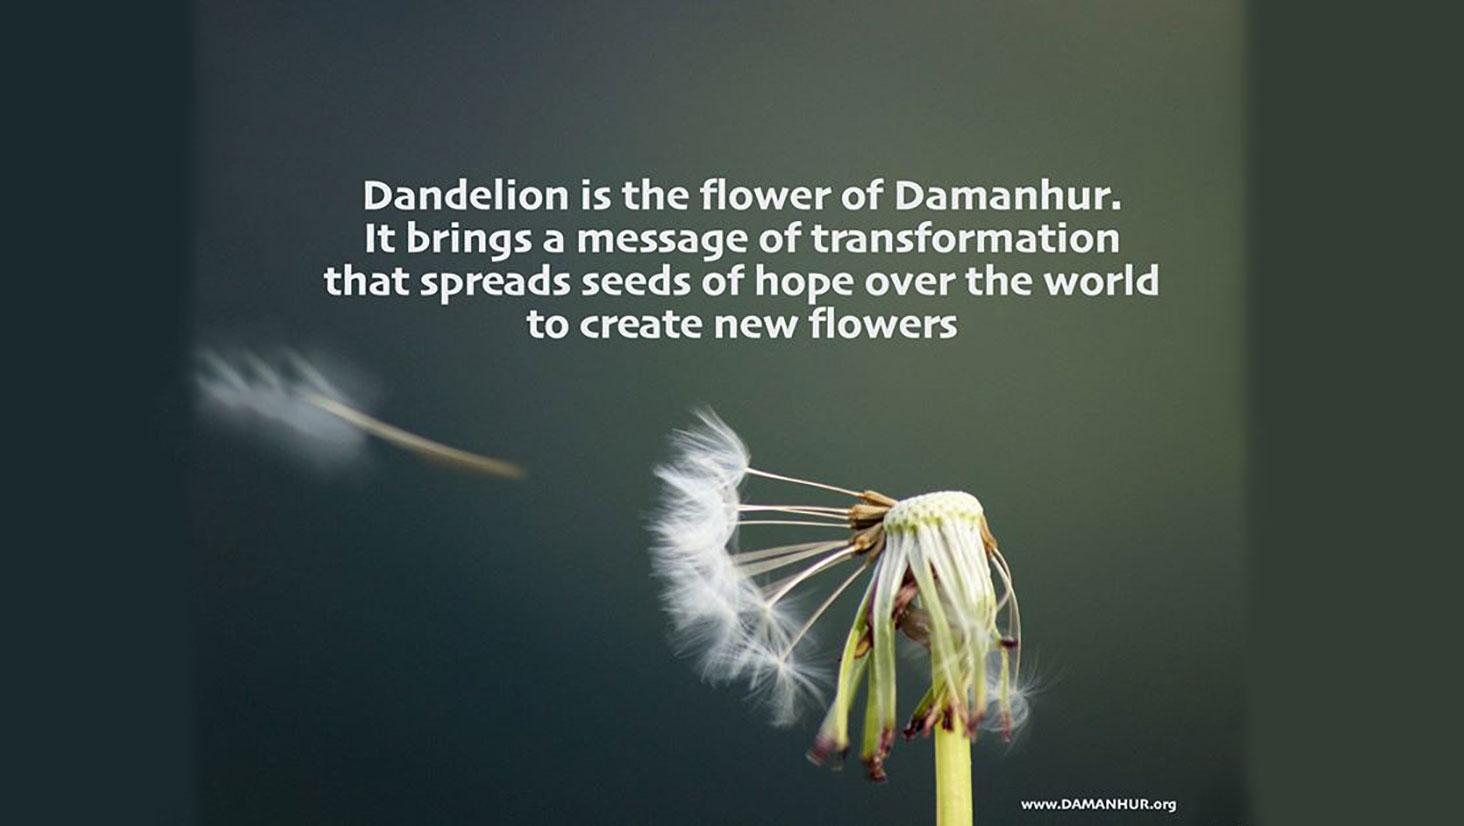 Dandelion, flower of Damanhur